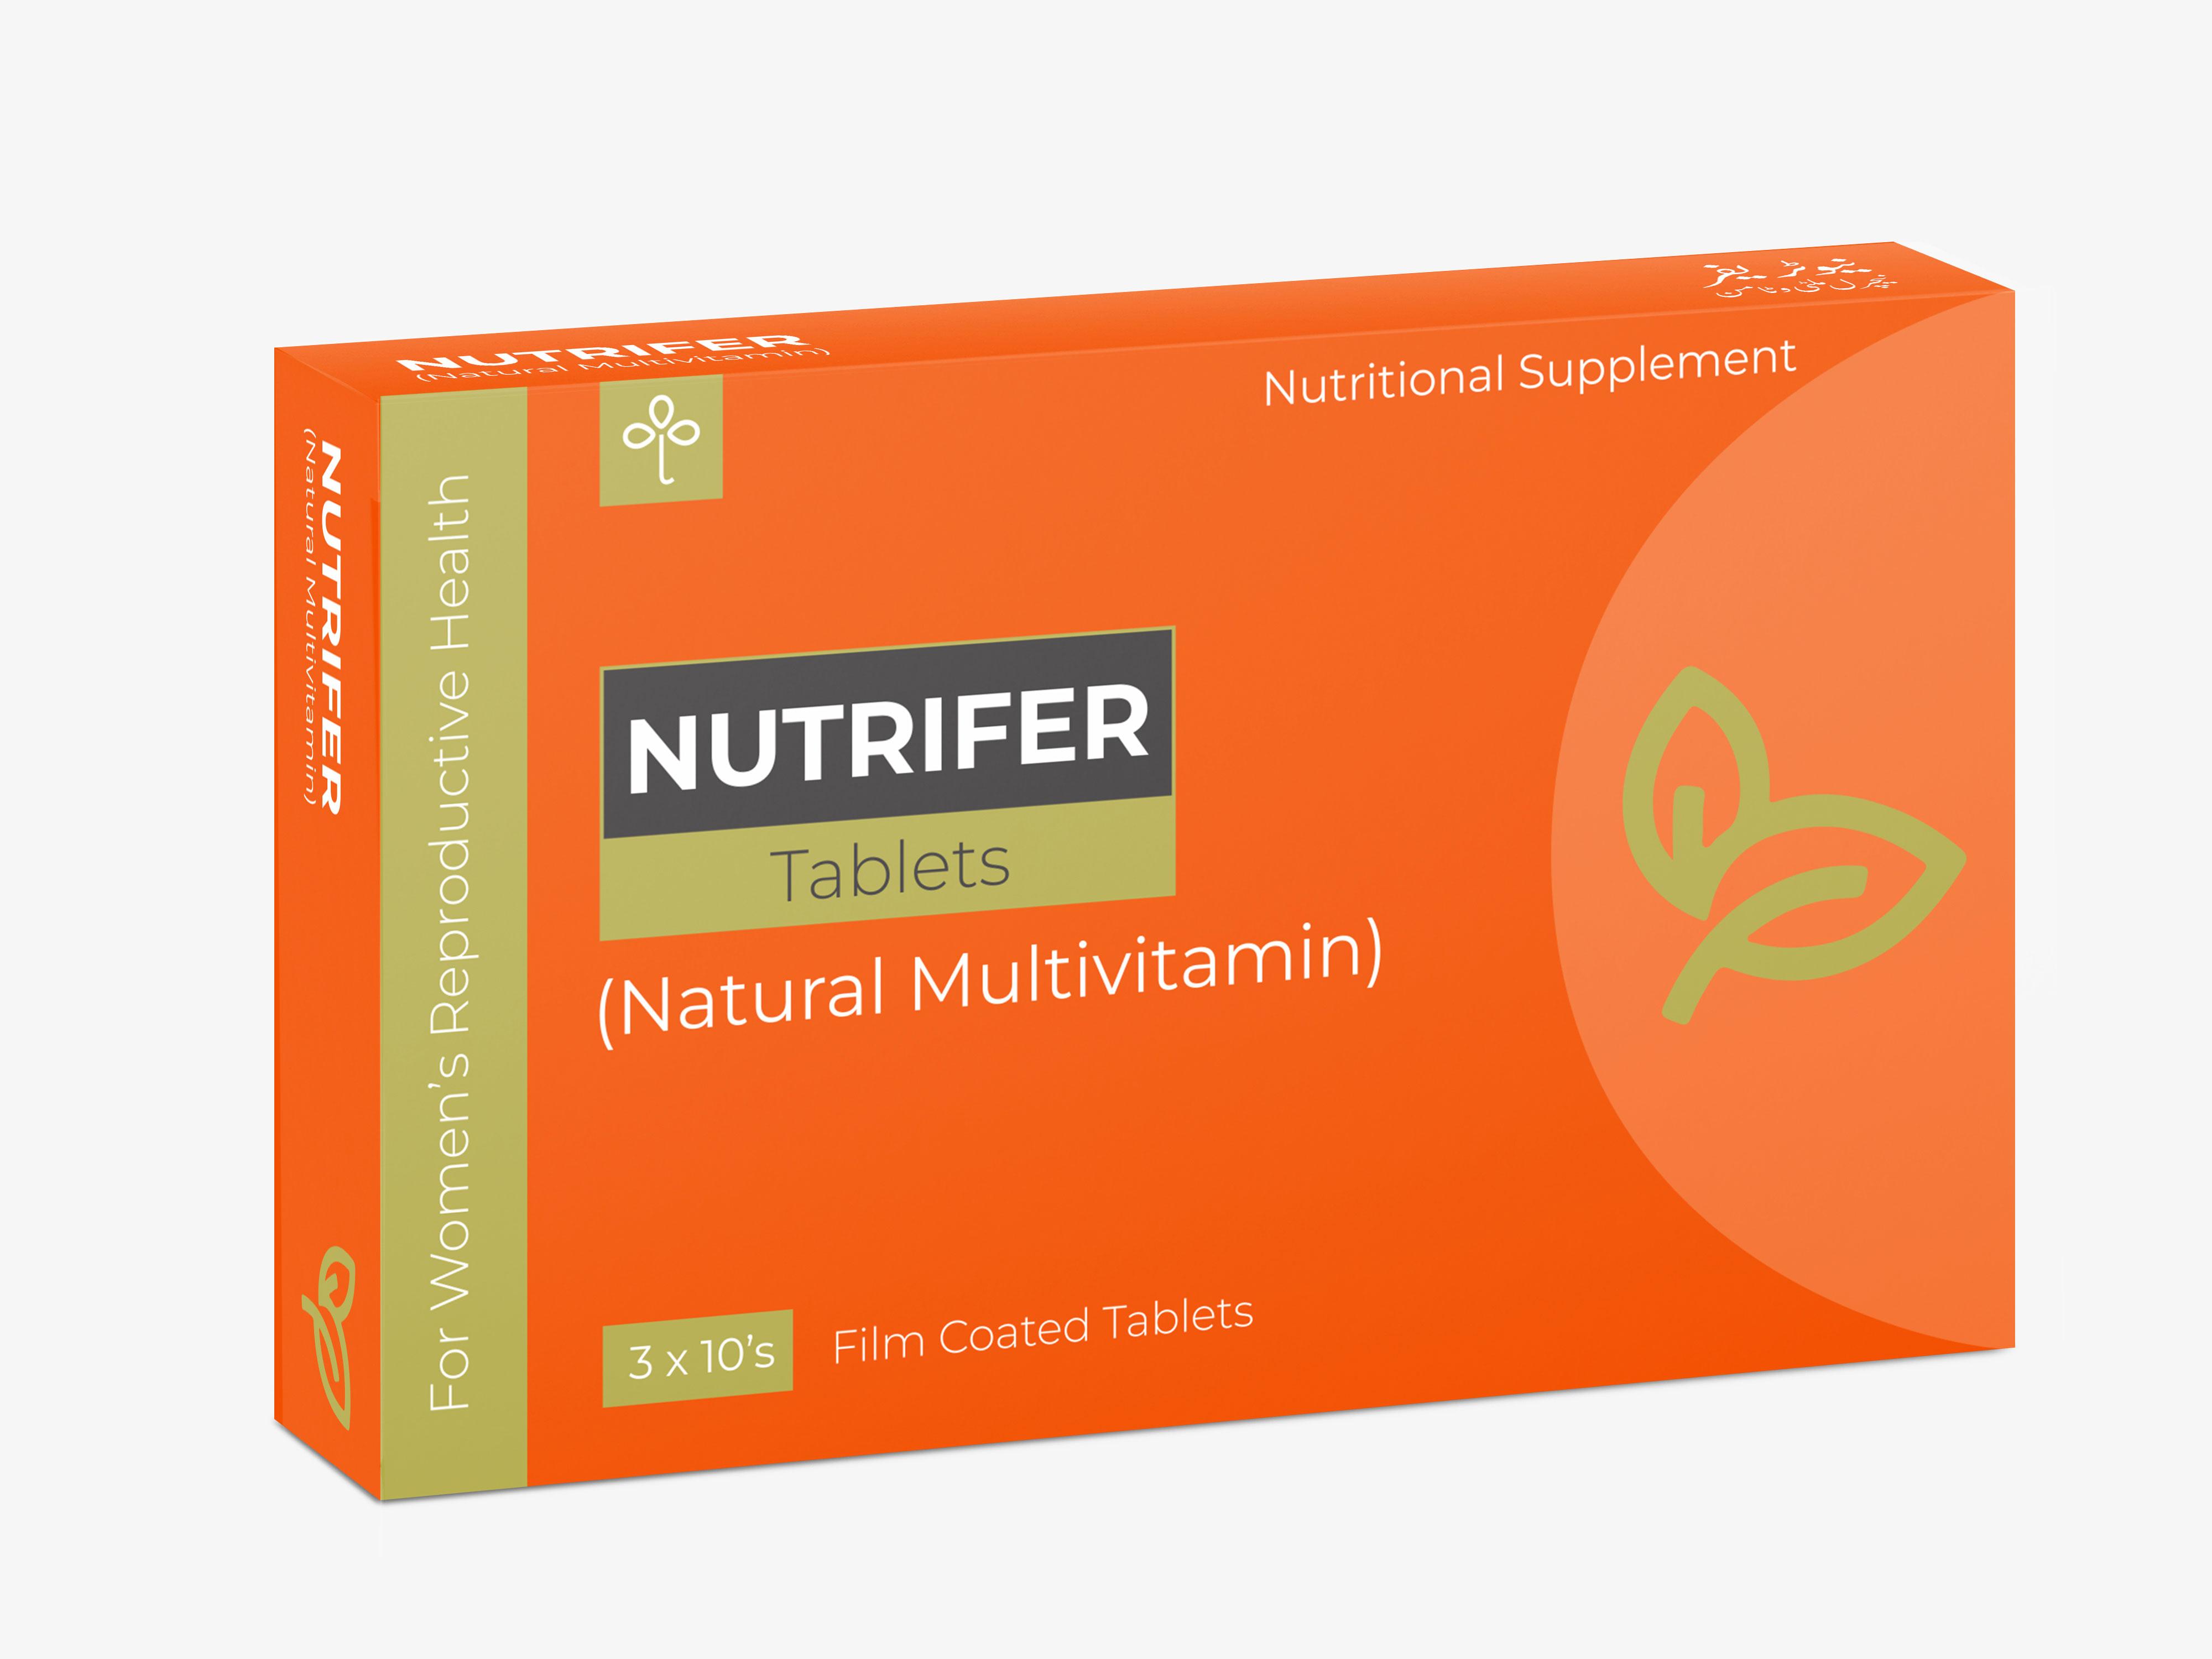 NUTRIFER